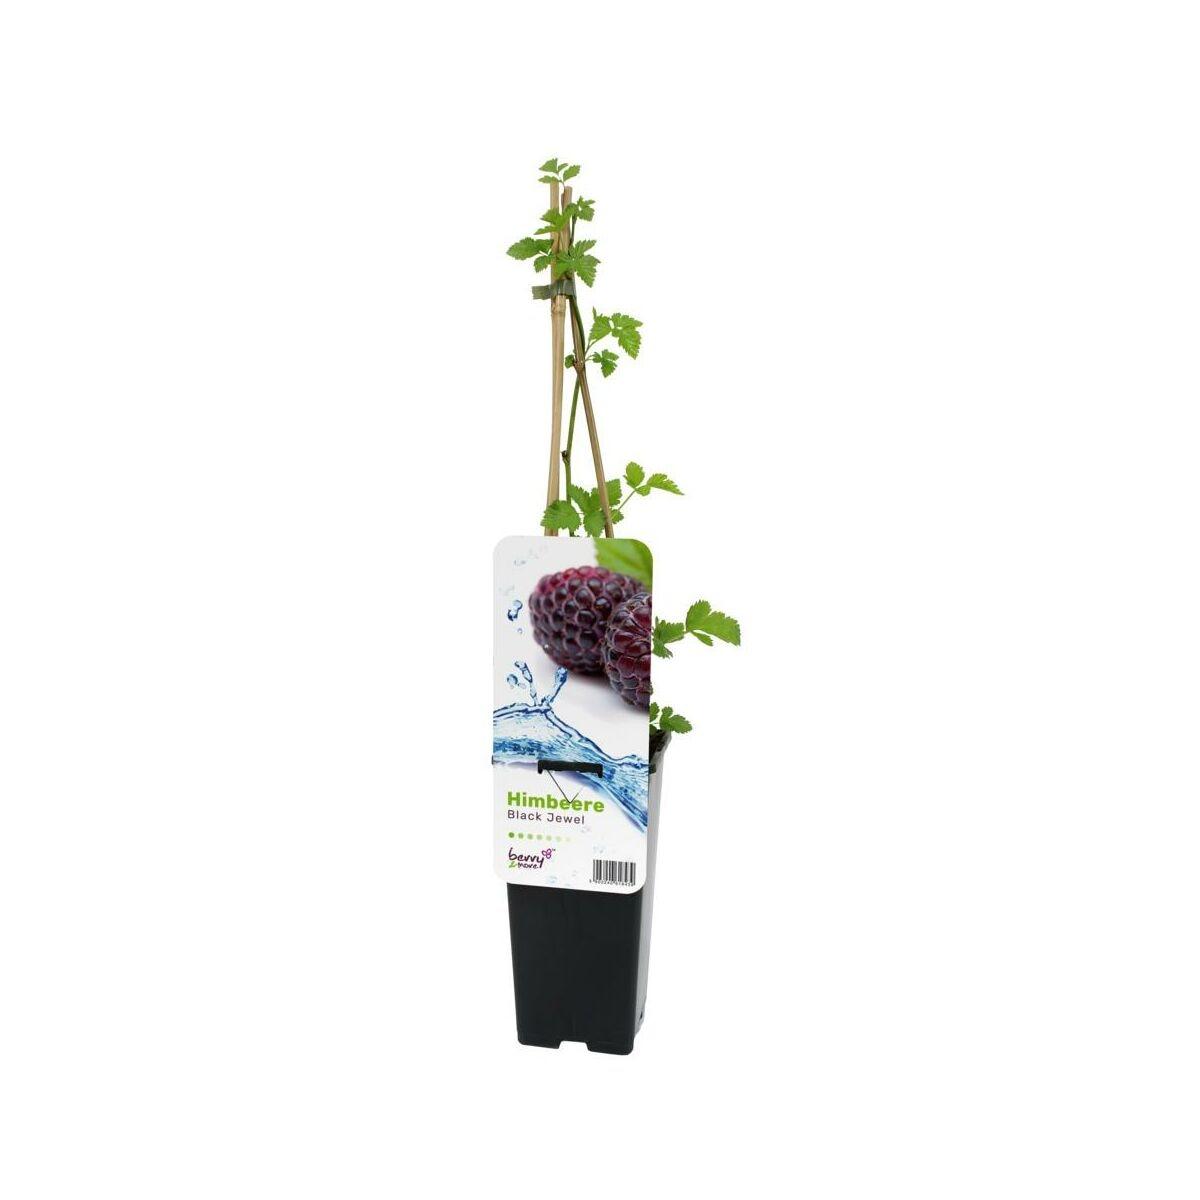 Malina 45 Cm Berry More Krzewy I Drzewka Owocowe W Atrakcyjnej Cenie W Sklepach Leroy Merlin